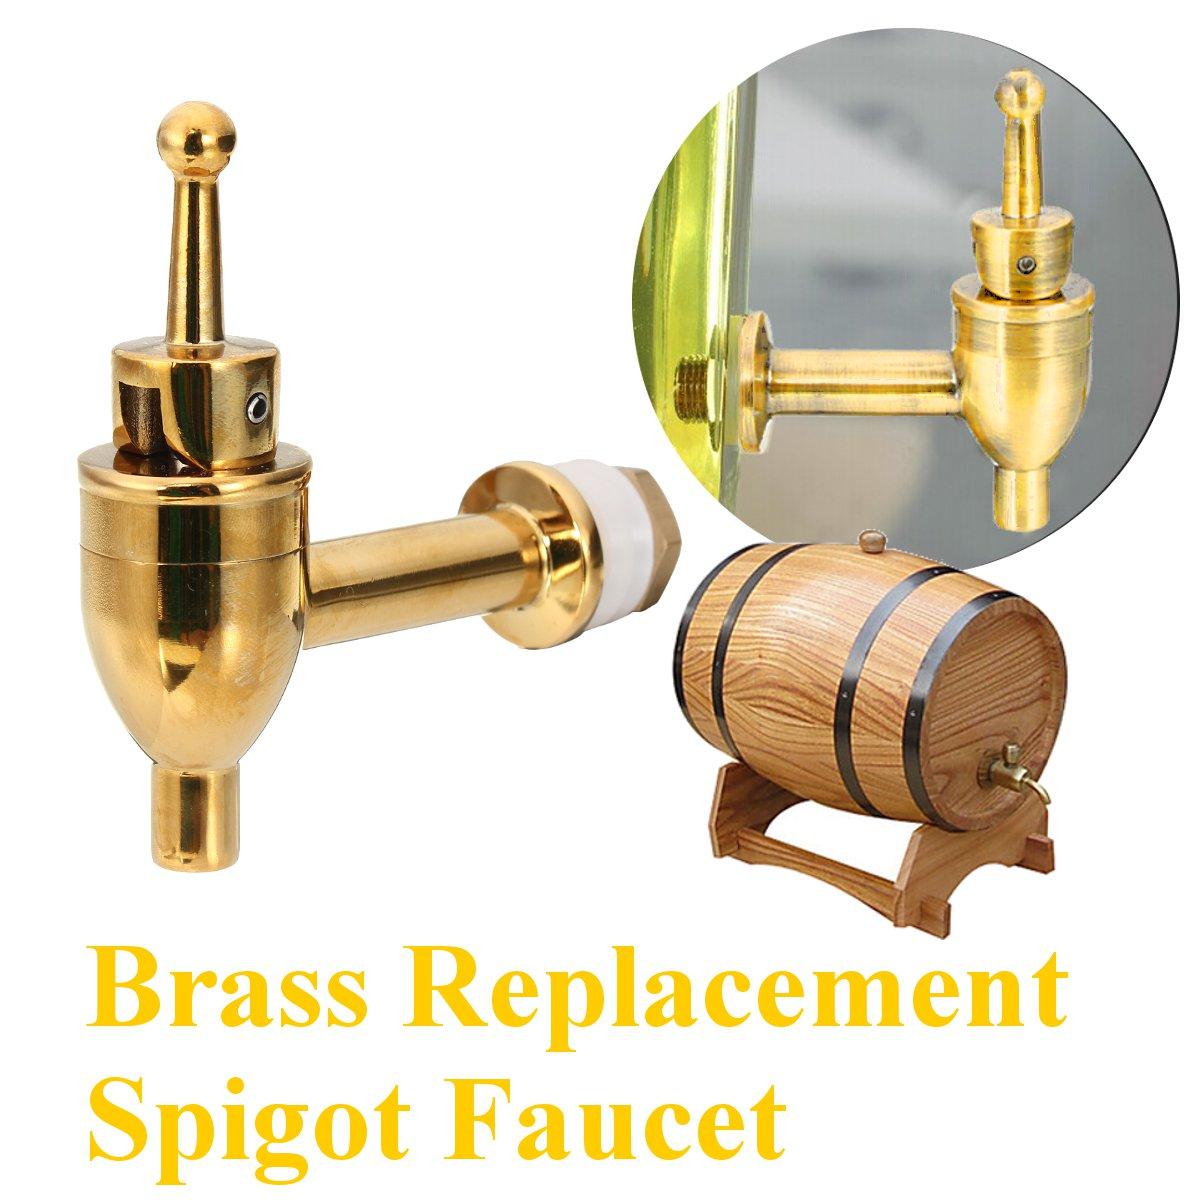 Brass Replacement Spigot Faucet Drink Dispenser Beverage Wine Barrel Tap Water Coffee Juice Faucet For Drink Beverage Dispenser